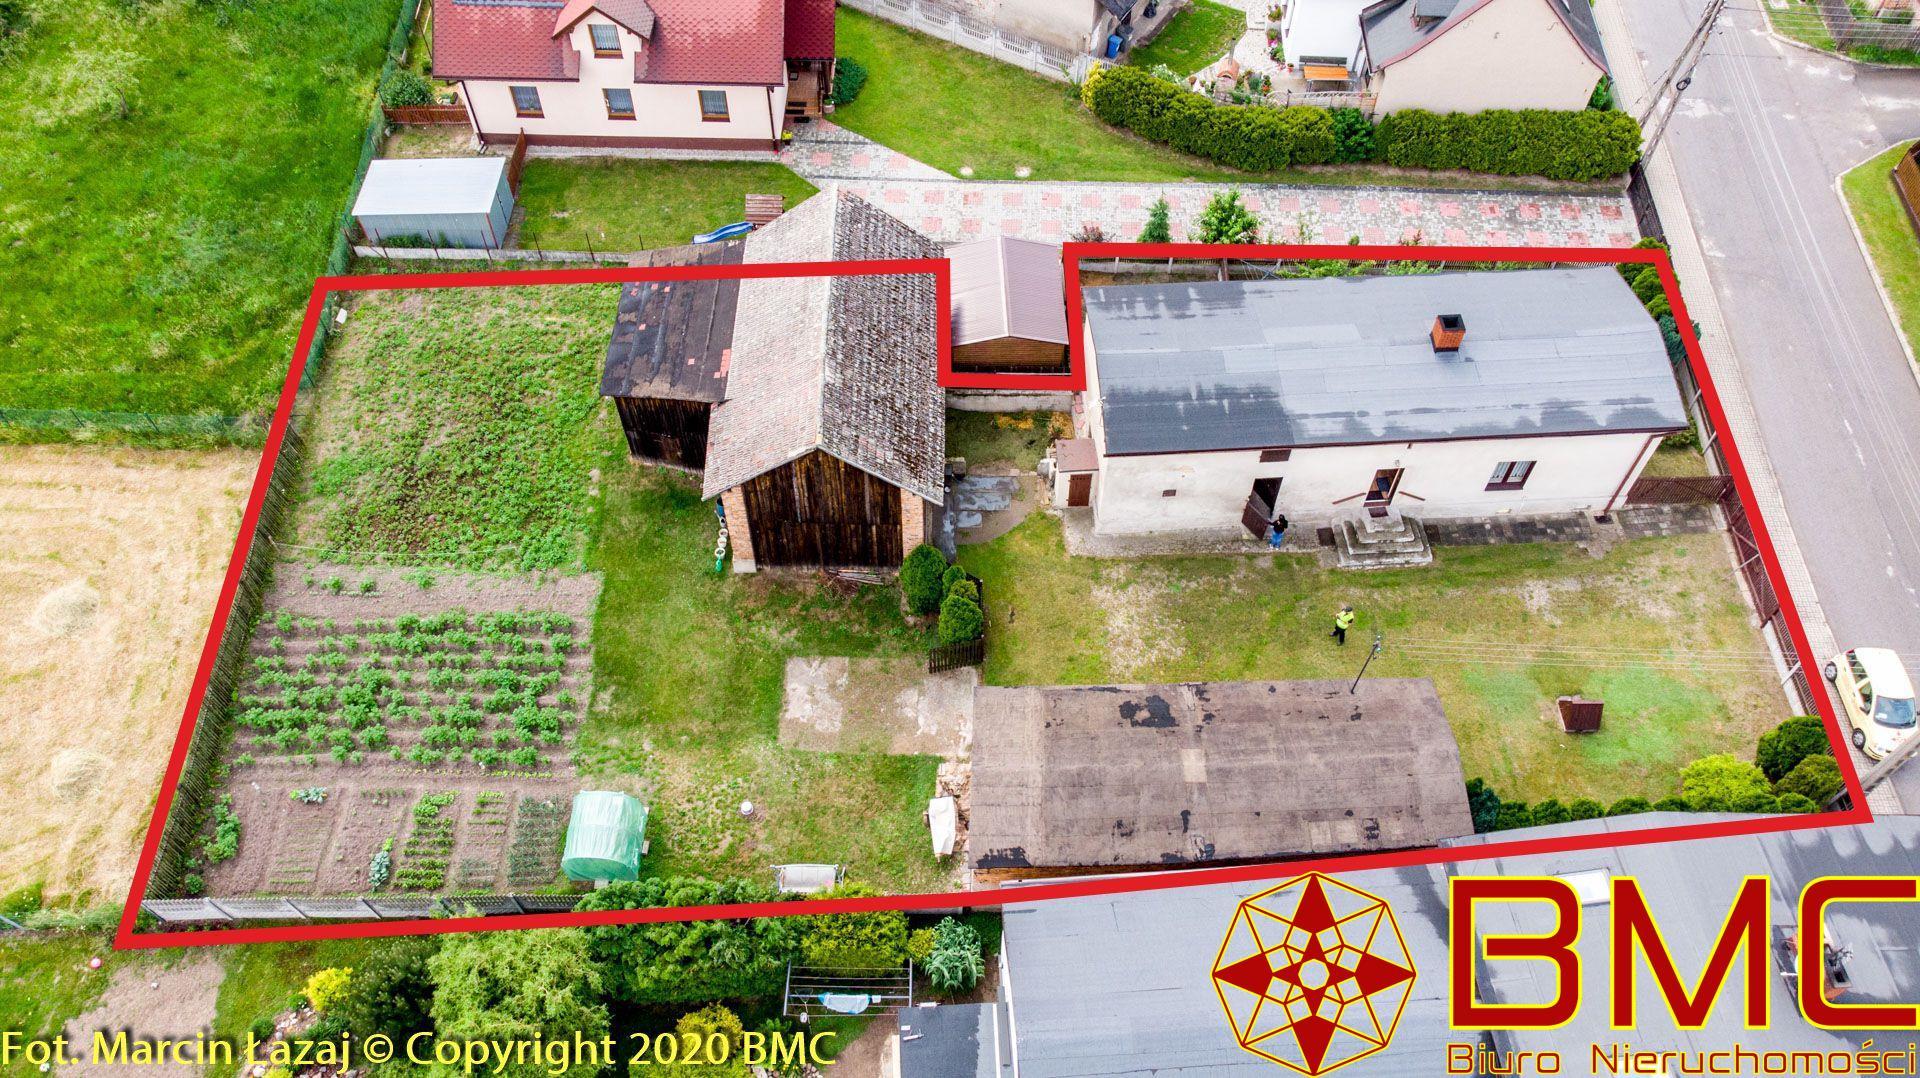 Nieruchomość Dom sprzedaż Cieszowa Dom z budynkami gospodarczymi- Cieszowa1